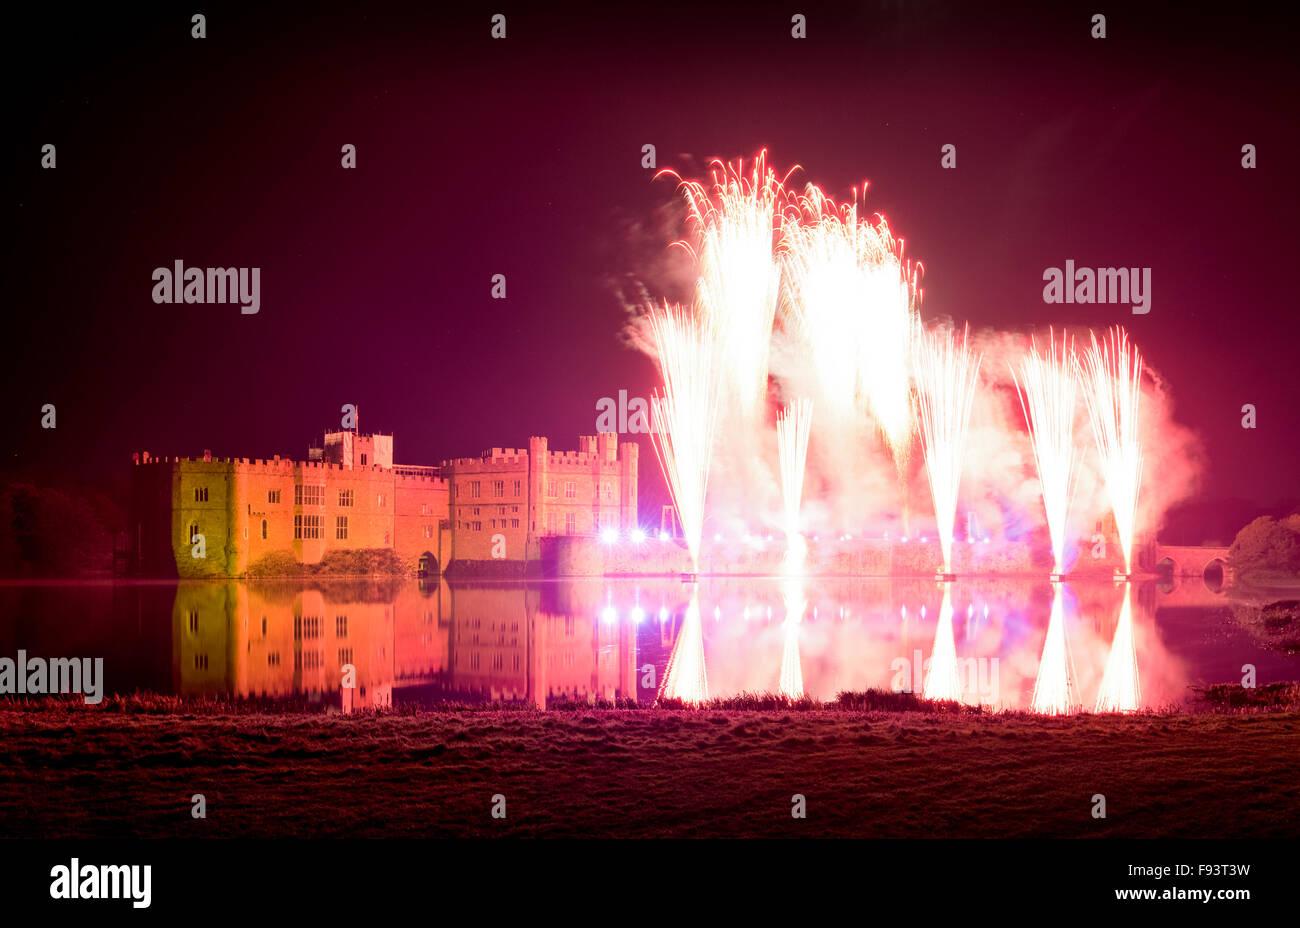 Das jährliche Feuerwerk in Leeds Castle, Maidstone, Kent, UK. Stockbild